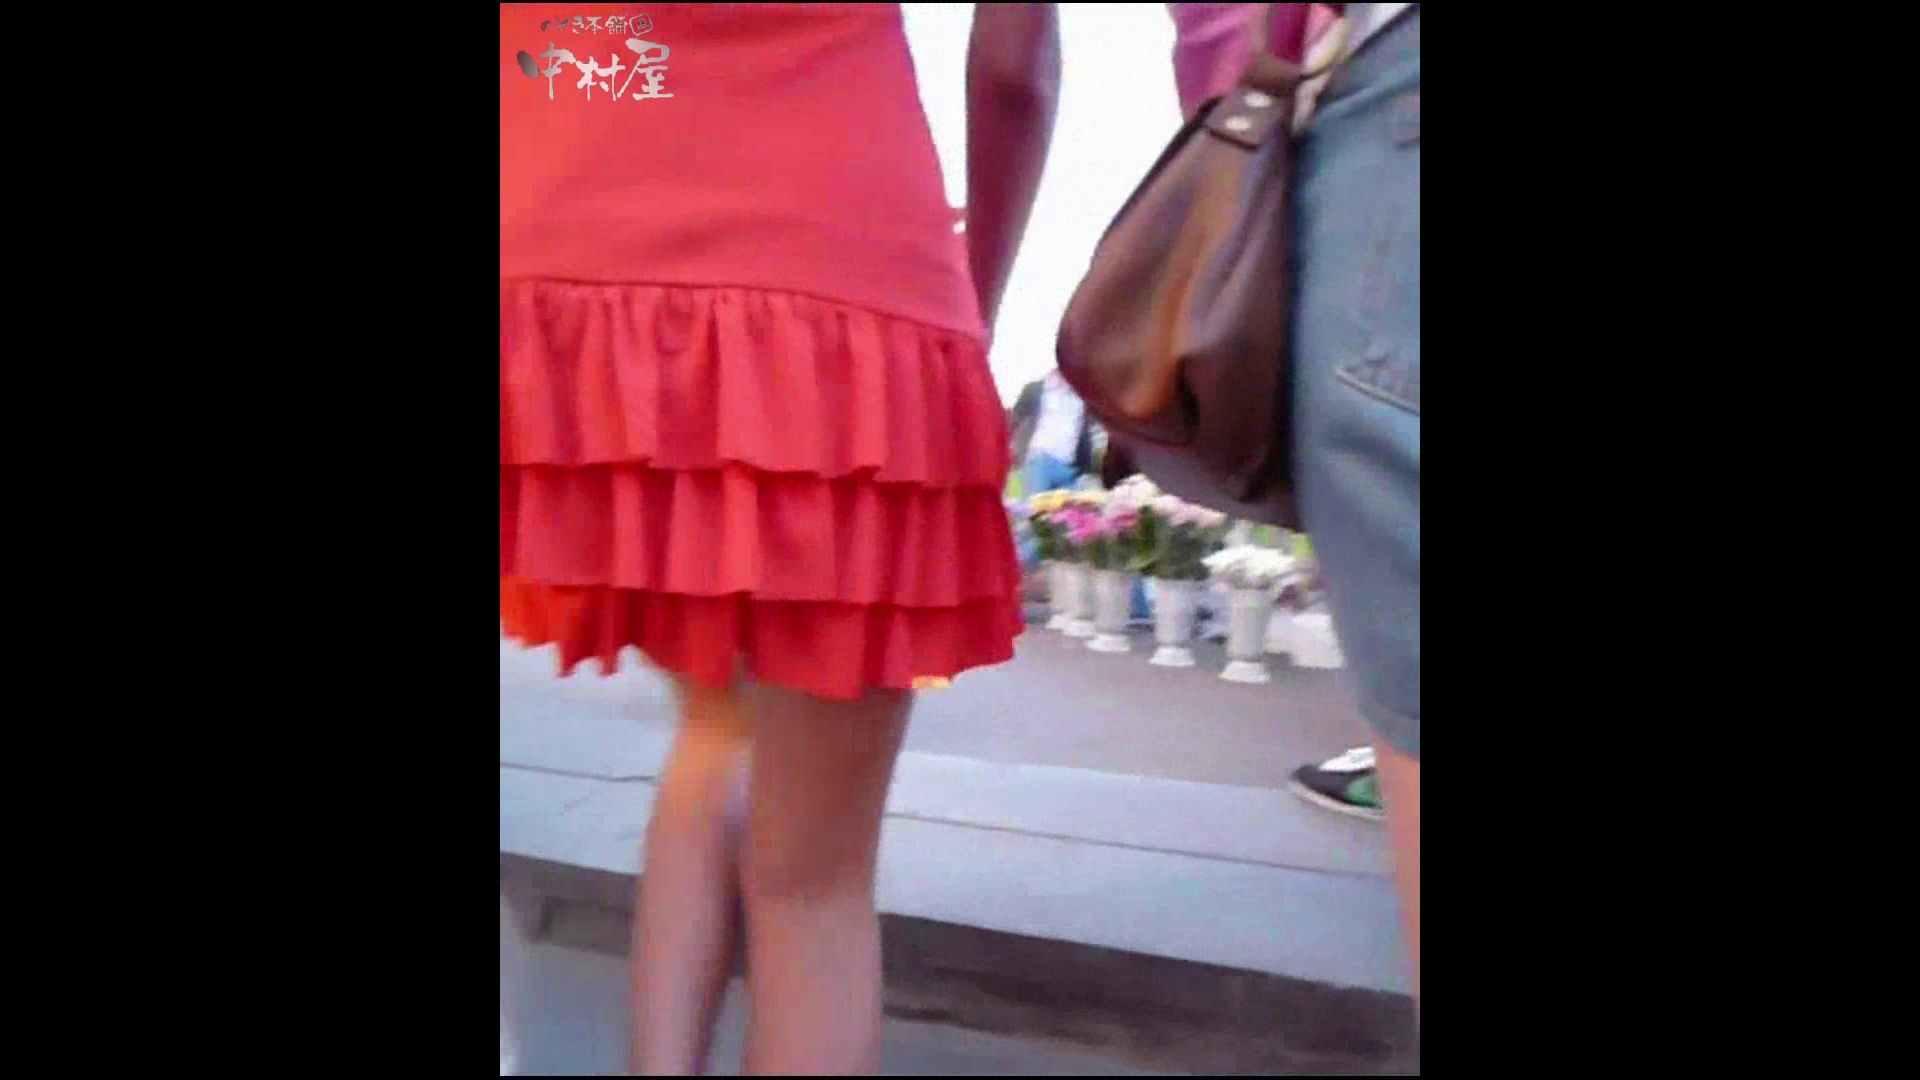 綺麗なモデルさんのスカート捲っちゃおう‼ vol26 Hなお姉さん | HなOL  76pic 13